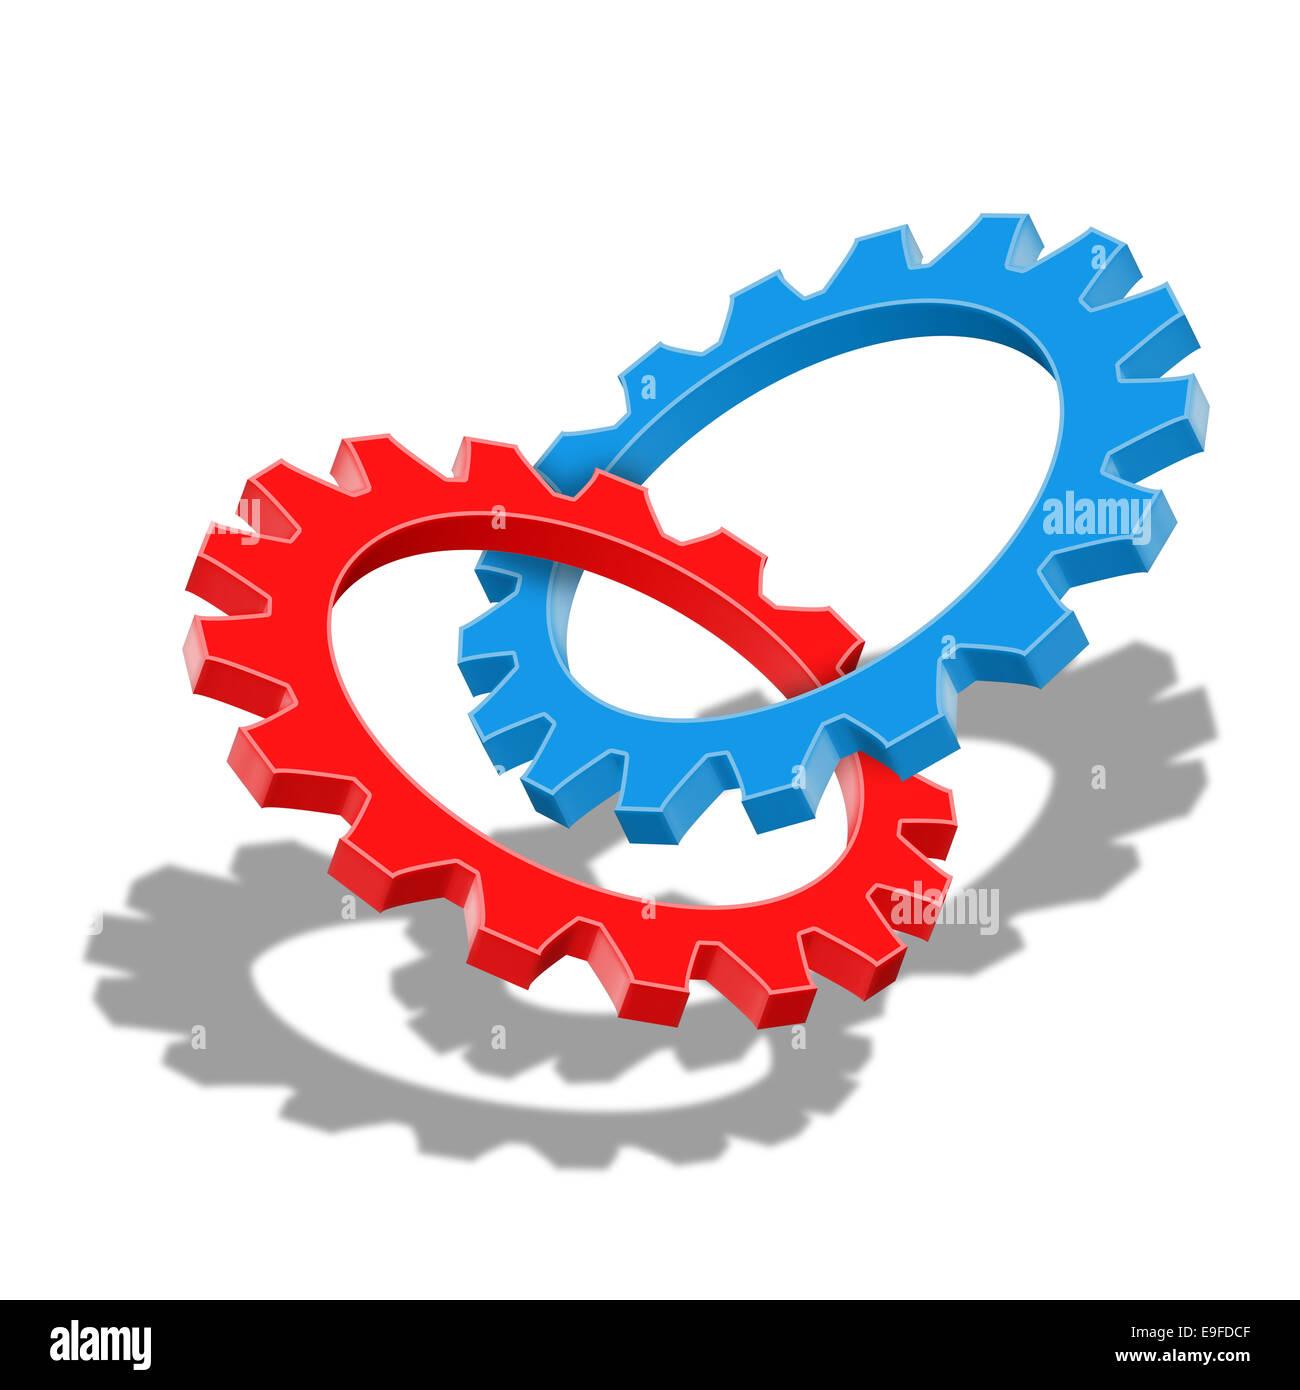 El trabajo en equipo y la sinergia Imagen De Stock